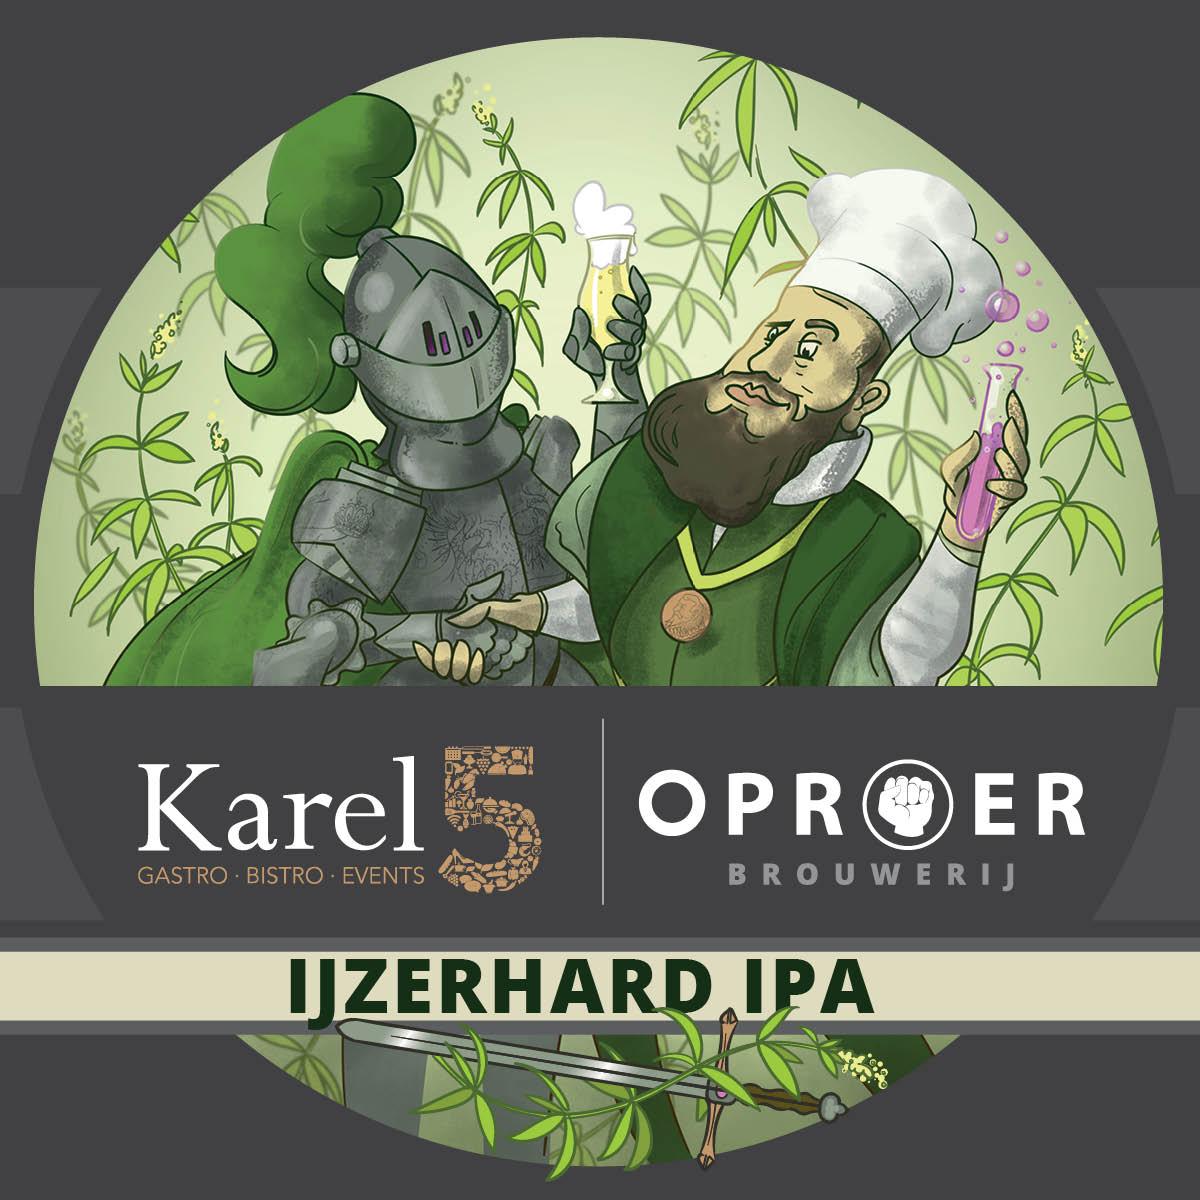 IJzerhard IPA Karel 5 x Oproer